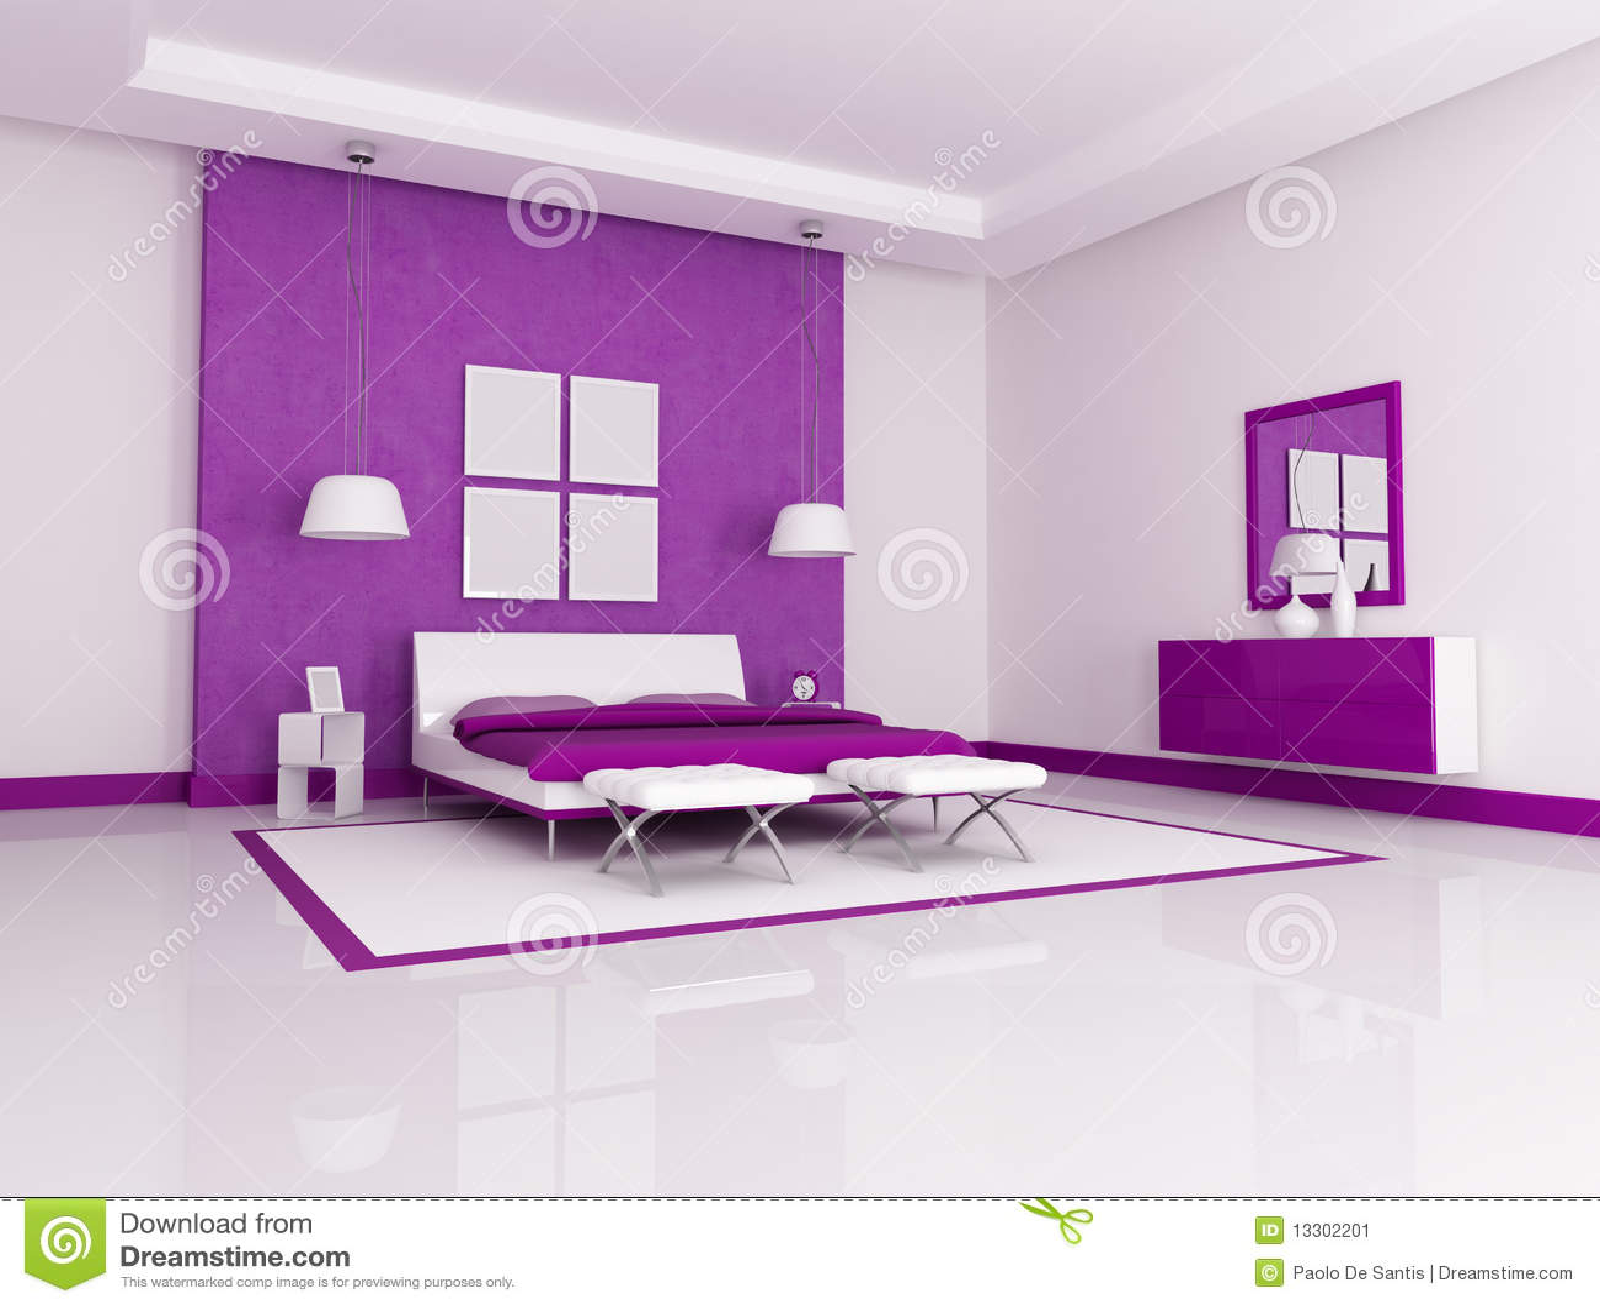 Camera da letto viola immagine stock immagine 13302201 - Camera da letto bianca e viola ...